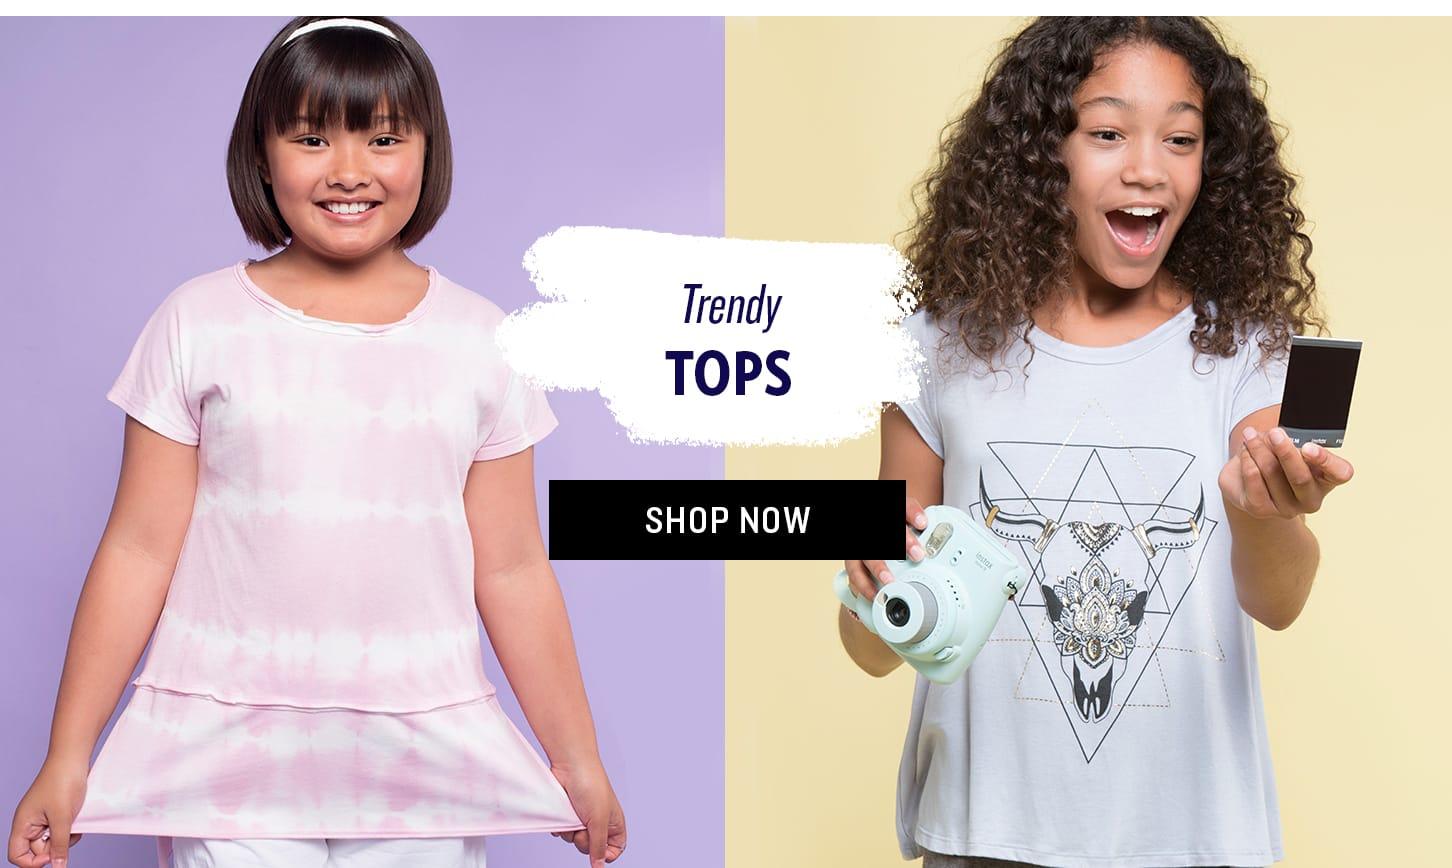 Shop Girls' Trendy Tops